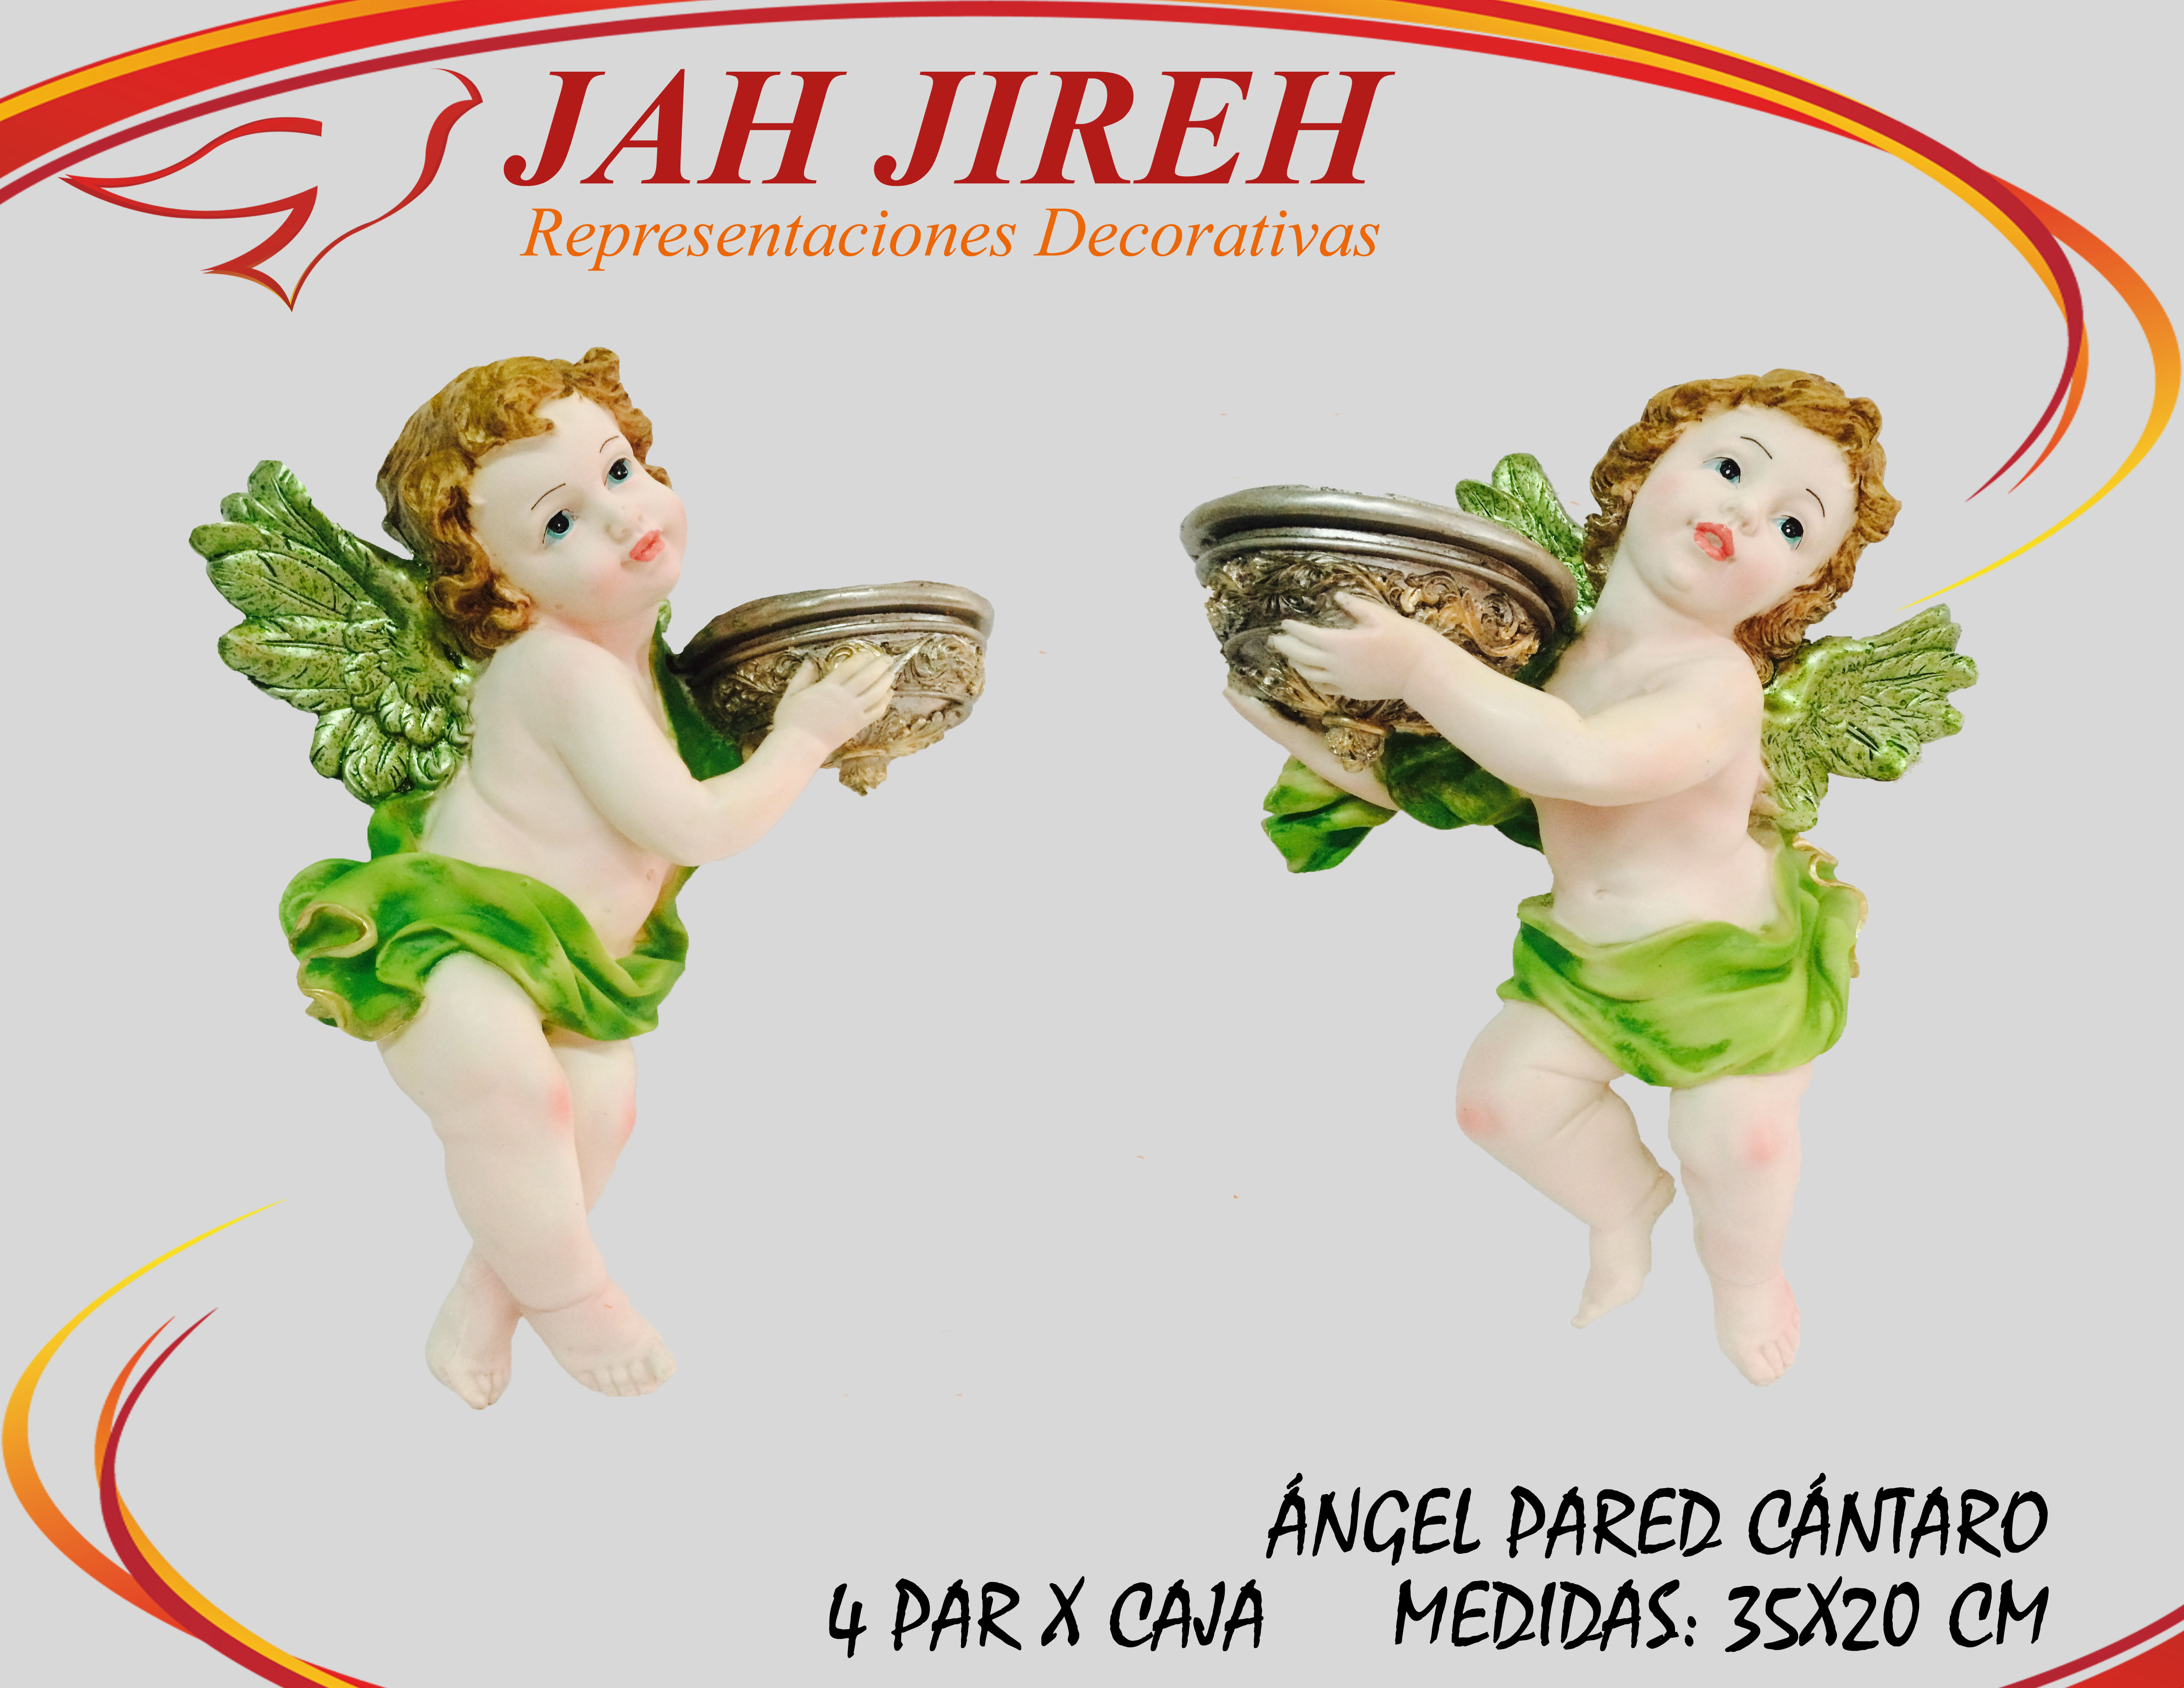 https://0201.nccdn.net/1_2/000/000/0d0/740/angel-pared-cantaro.jpg